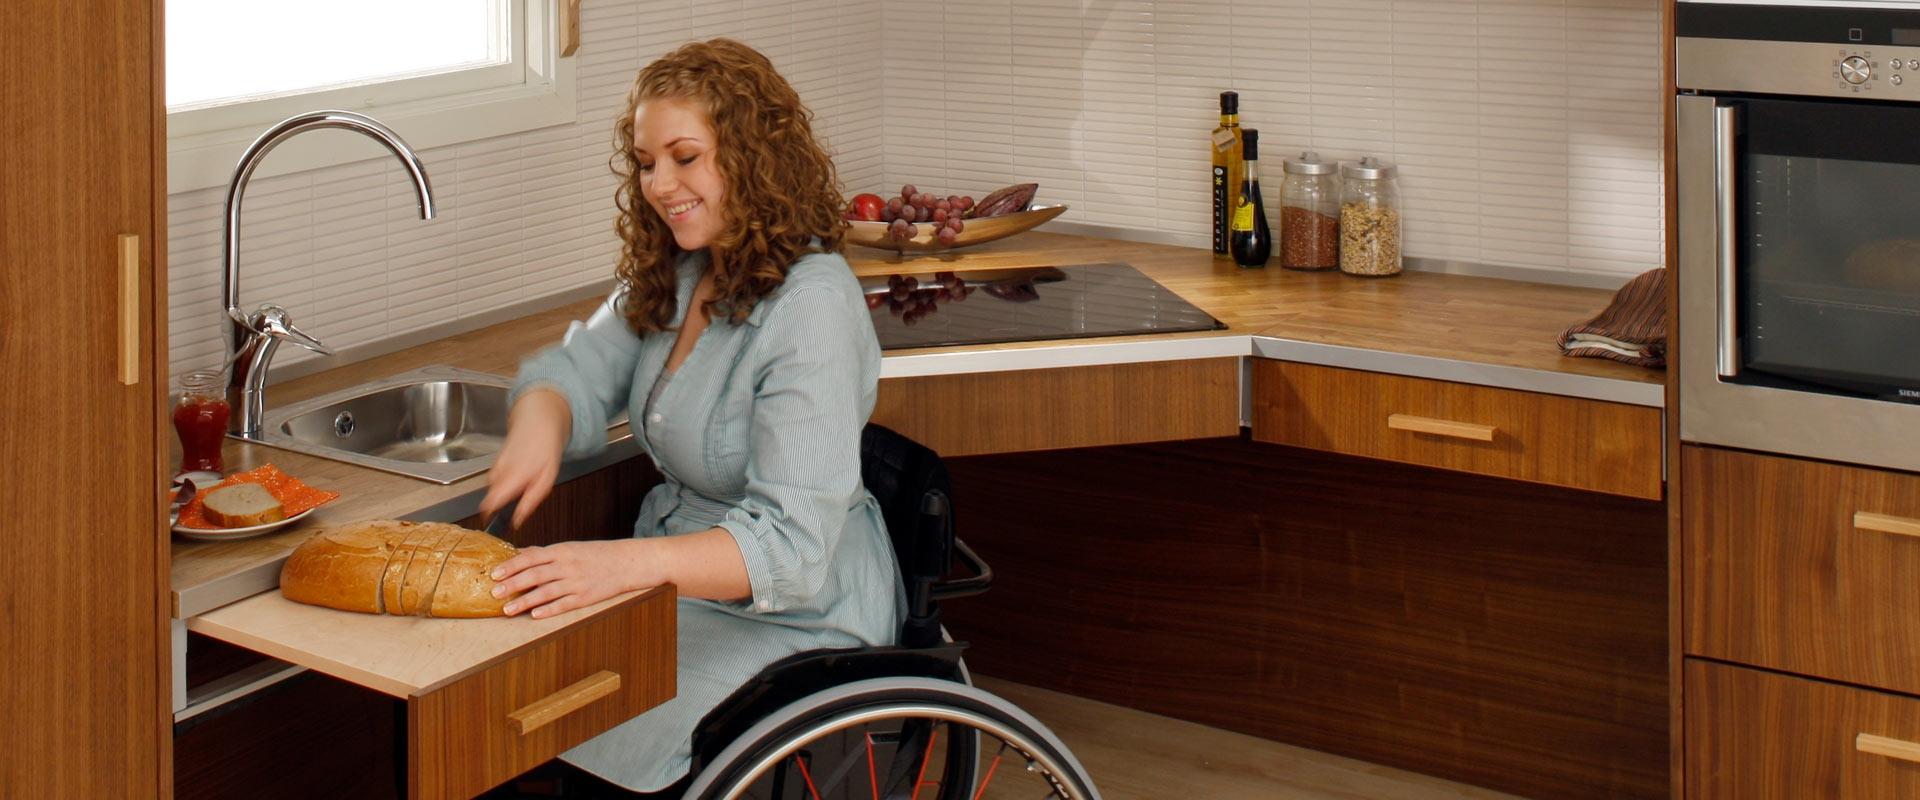 Warum sollte Ihre Küche barrierefrei sein?